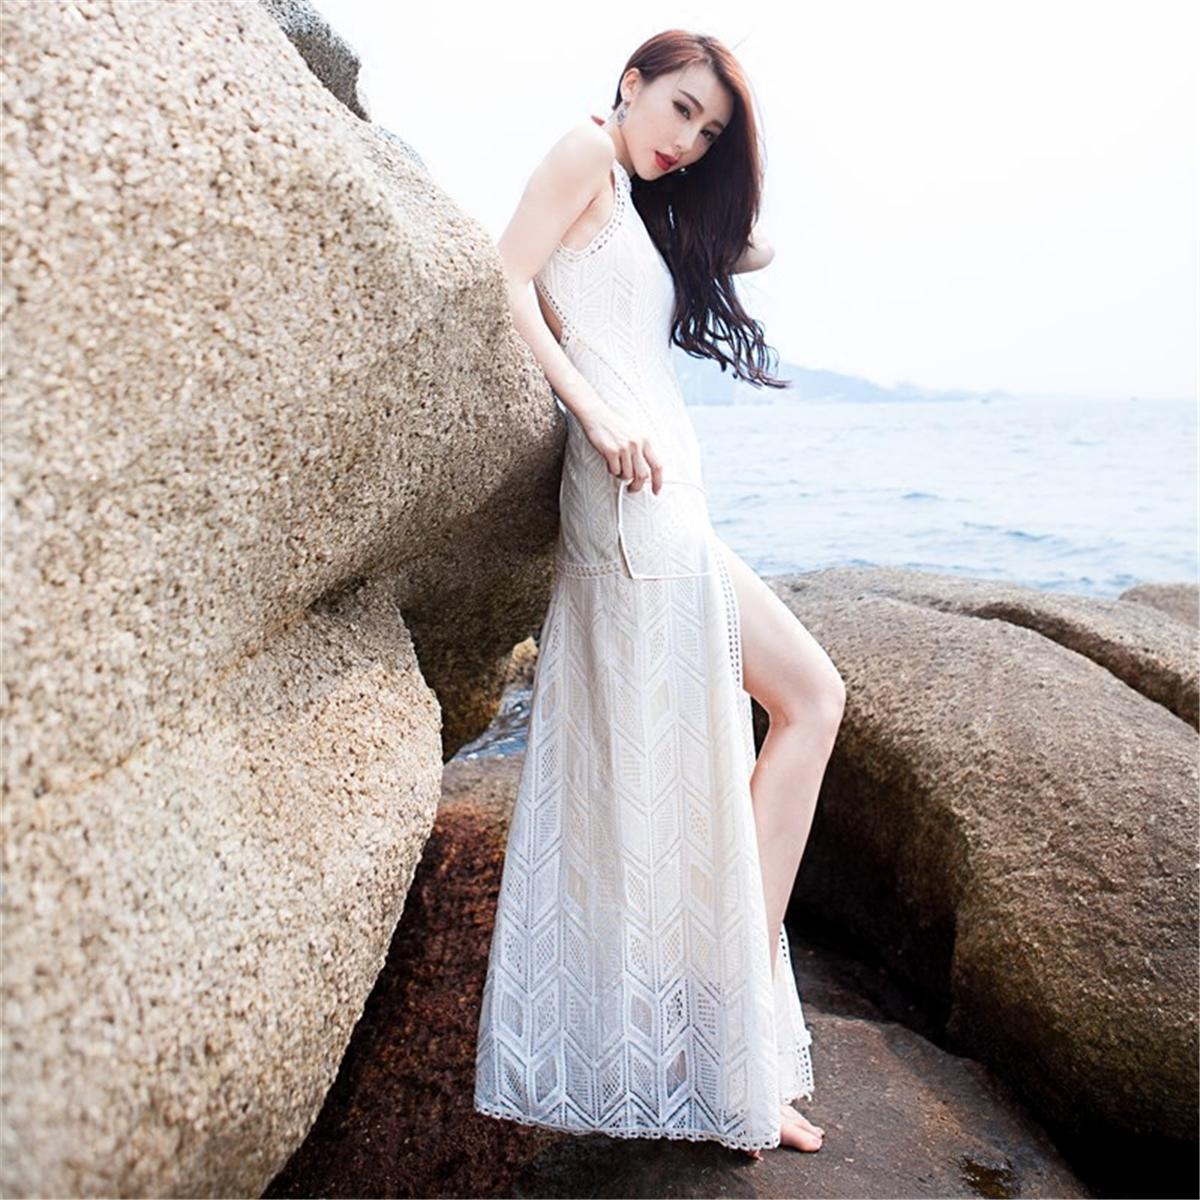 白色蕾丝连衣裙 欧美大牌高端蕾丝修身海边度假沙滩开叉长裙性感露背挂脖连衣裙夏_推荐淘宝好看的白色蕾丝连衣裙